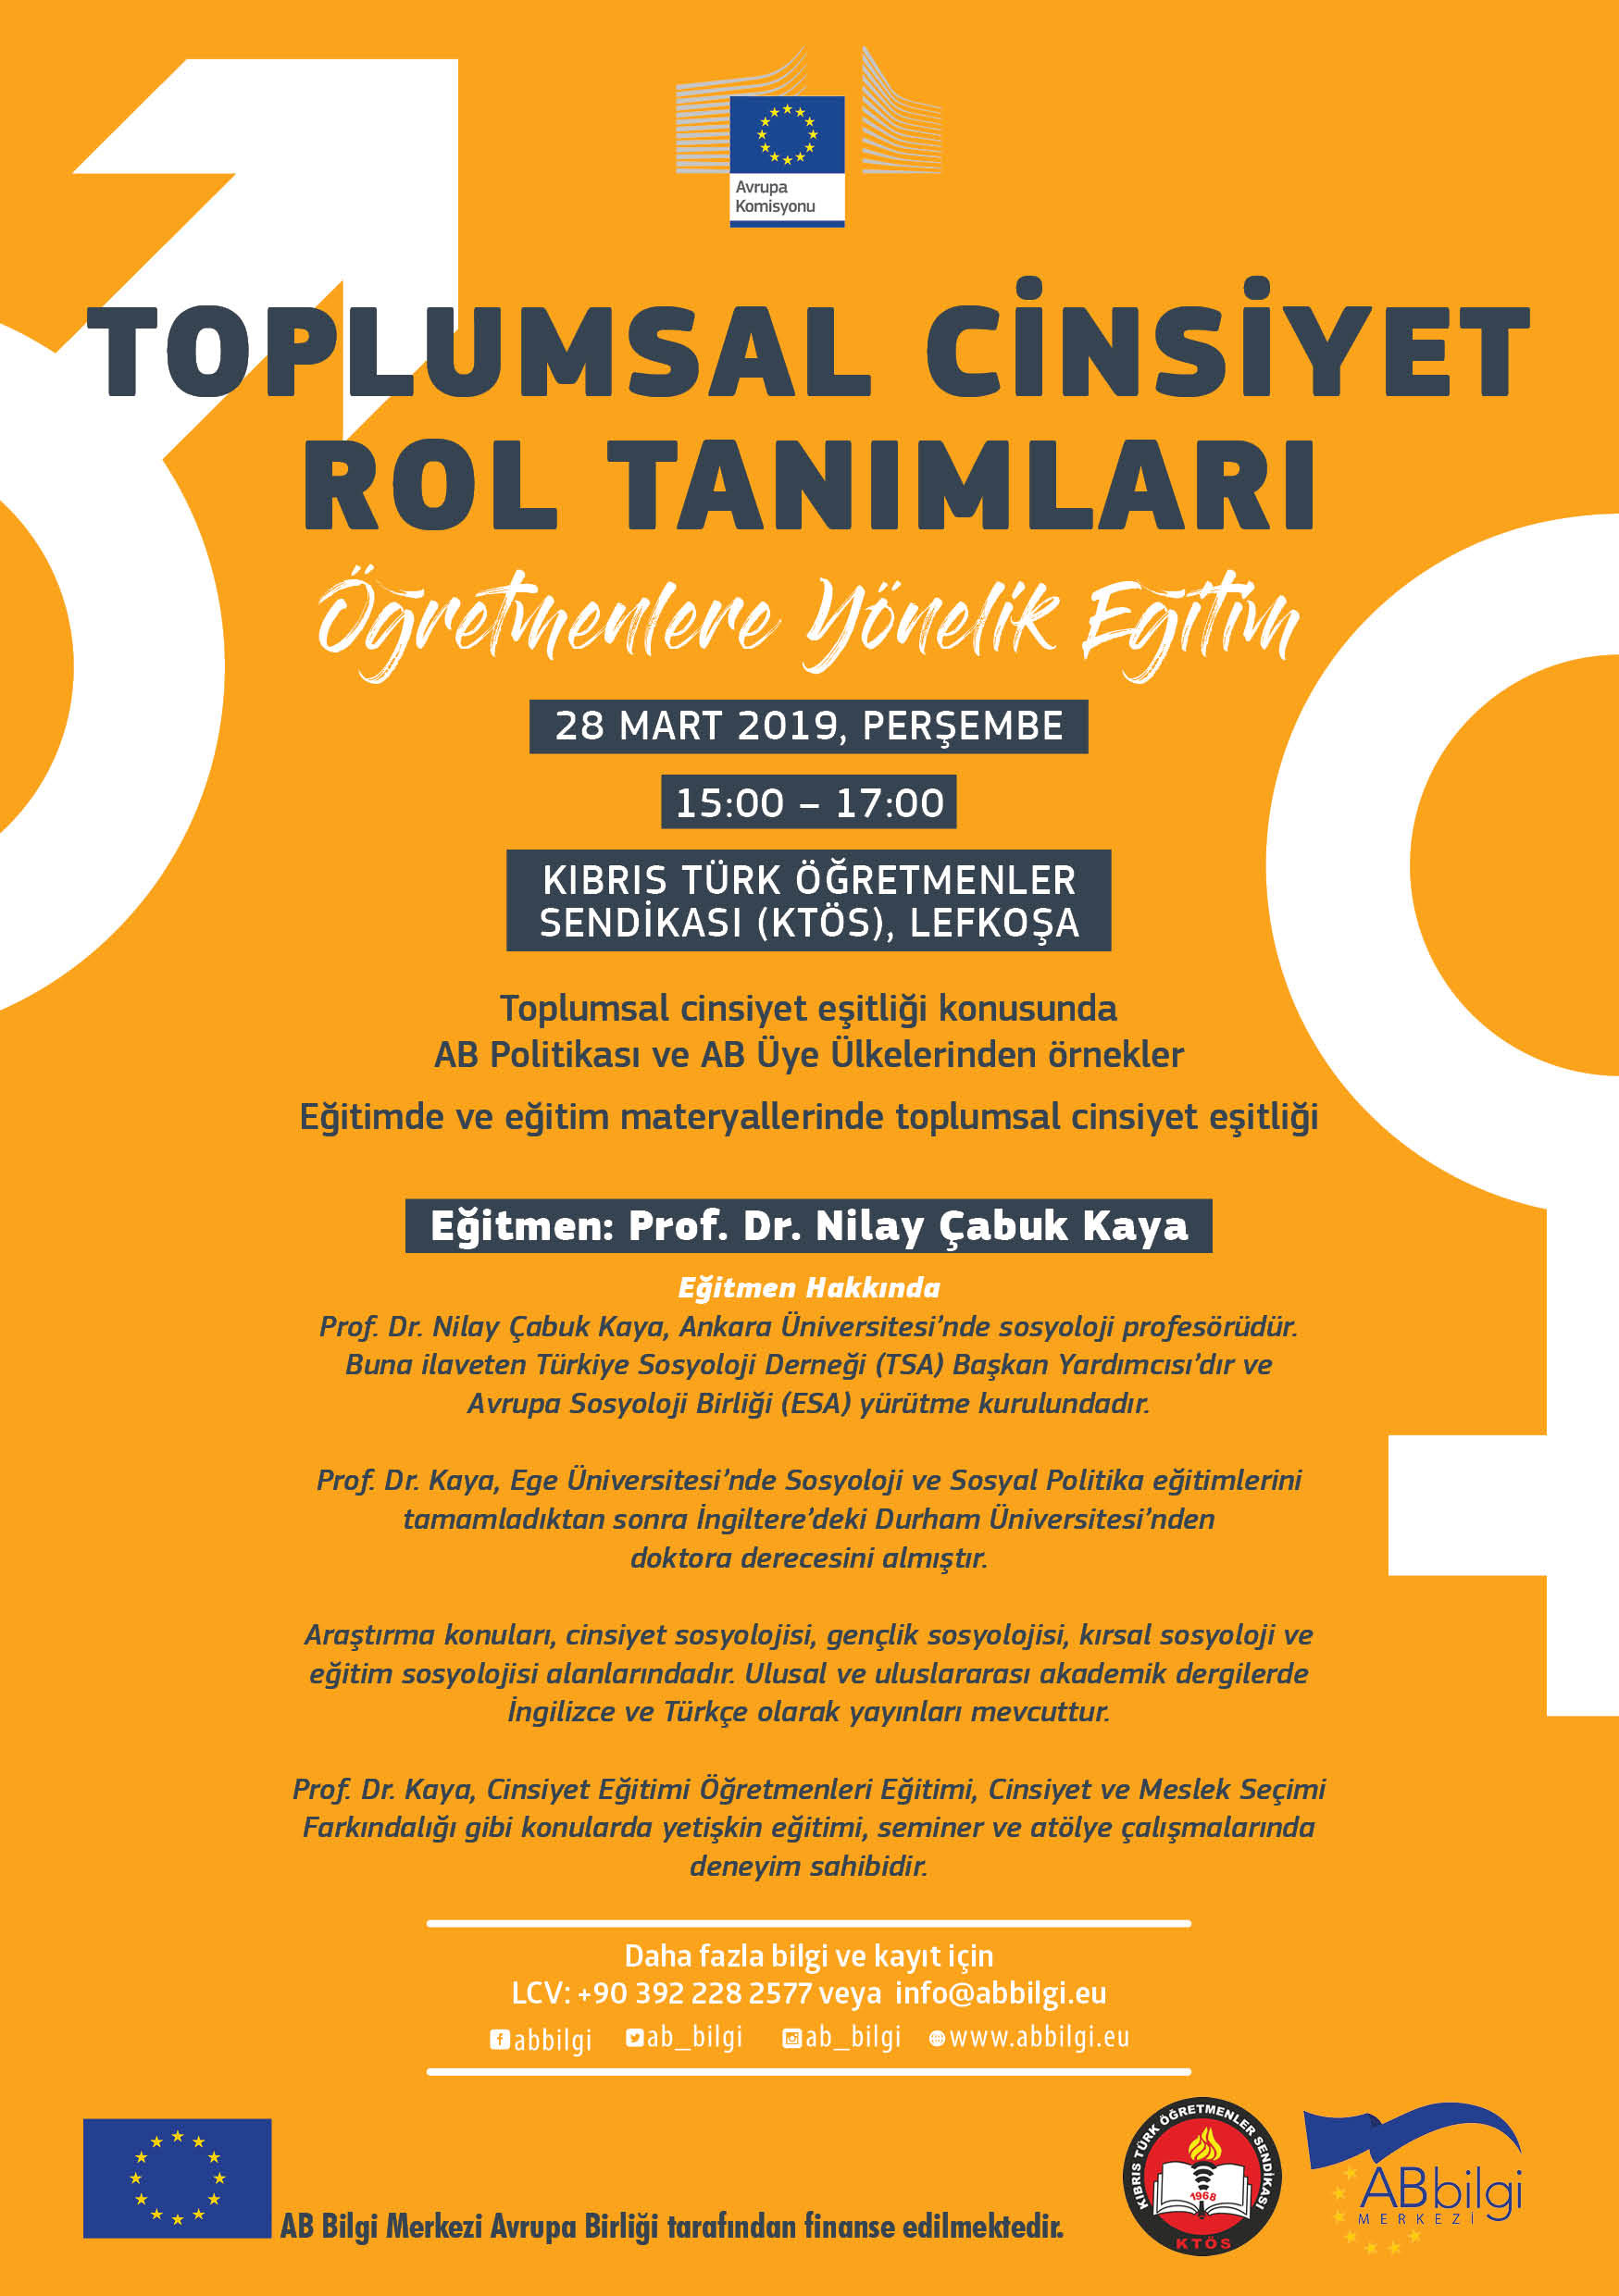 Öğretmenlere Yönelik Toplumsal Cinsiyet Rol Tanımları Eğitimi 28 Martta KTÖS'de…